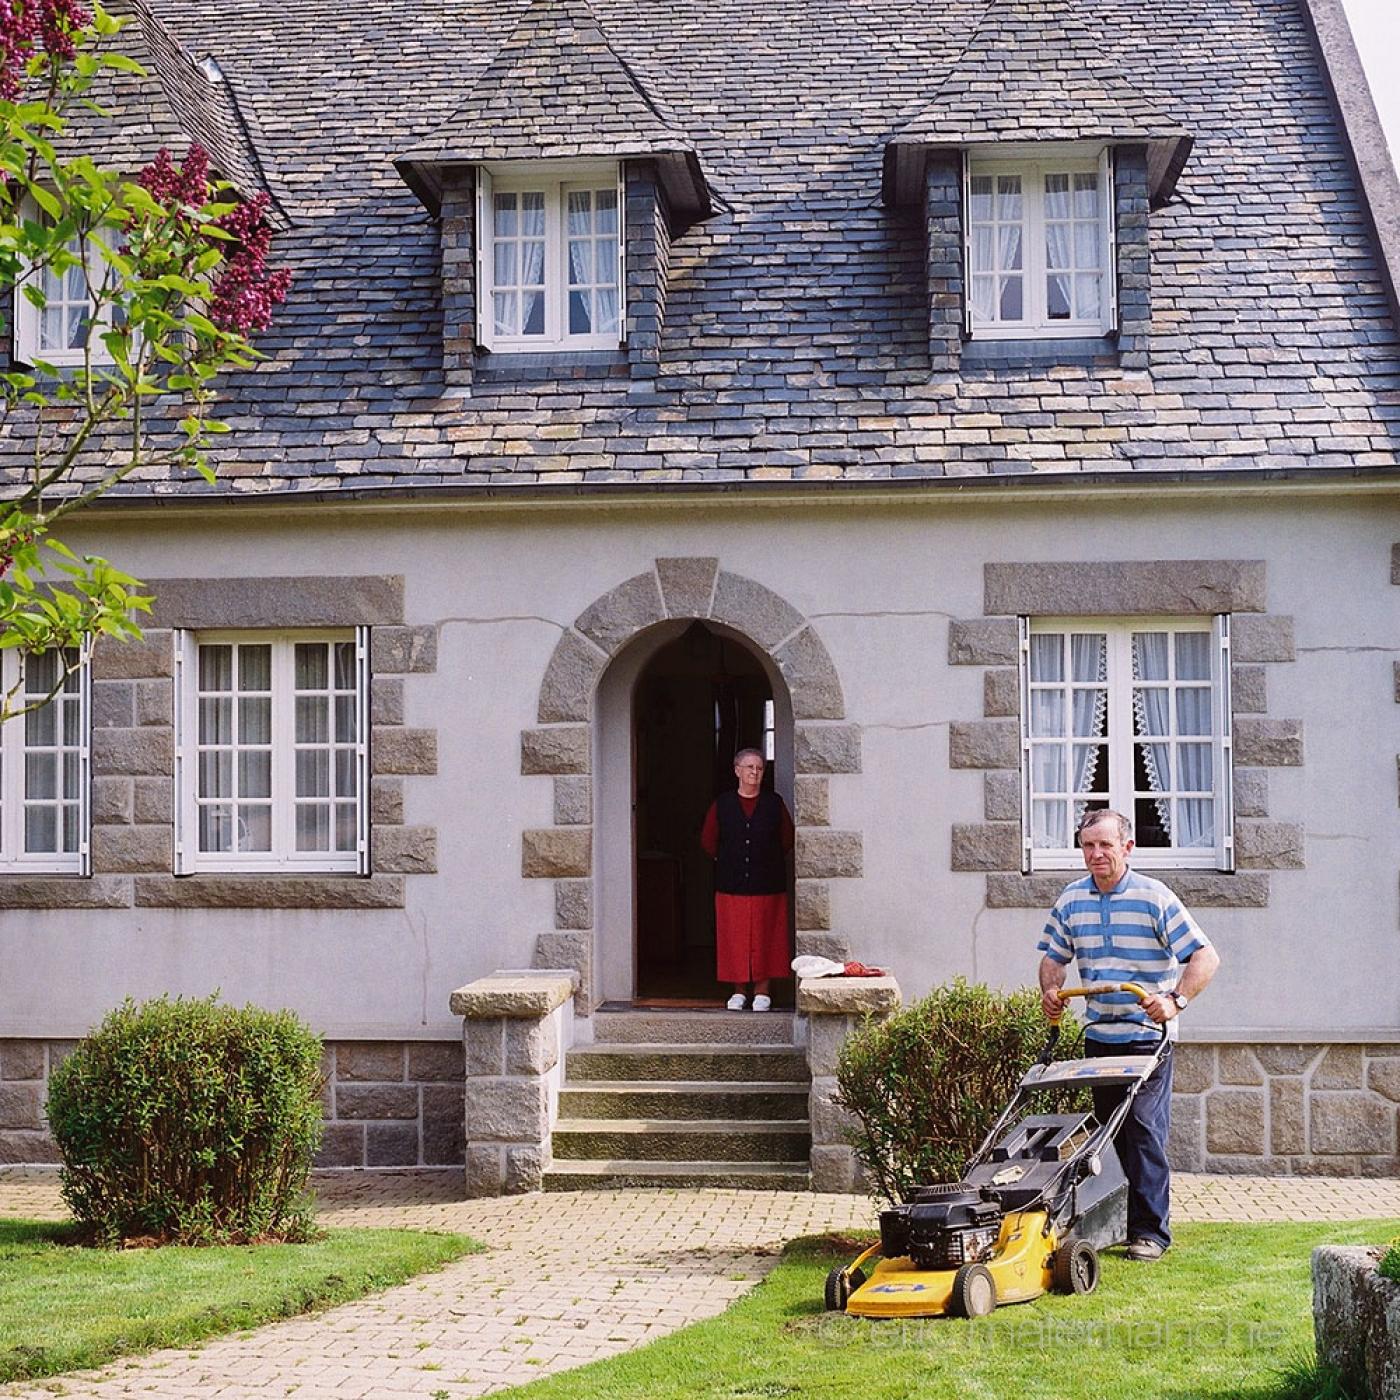 https://www.ericmalemanche.com/imagess/topics/les-bretons-de-l-argoat/liste/Bretons-Malemanche-018.jpg